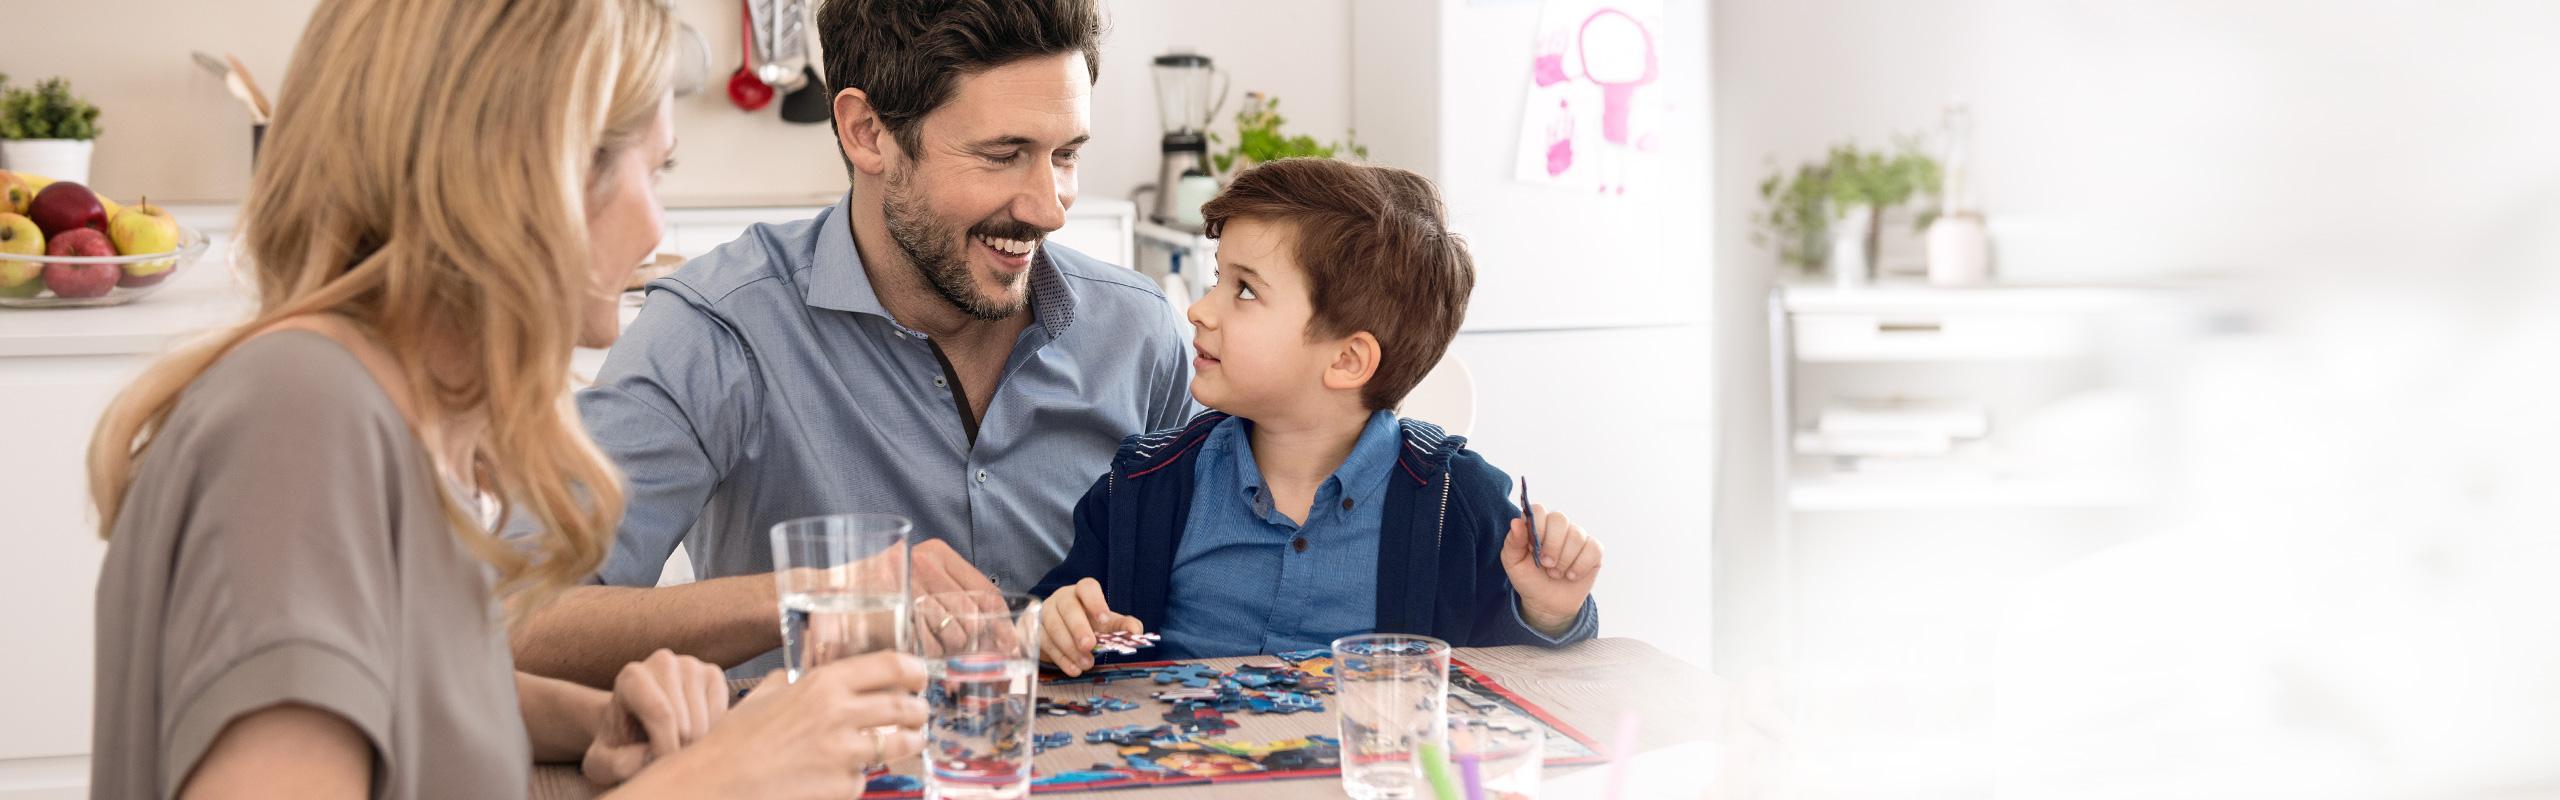 BRITA 水 濾水器與濾芯 快樂的家人